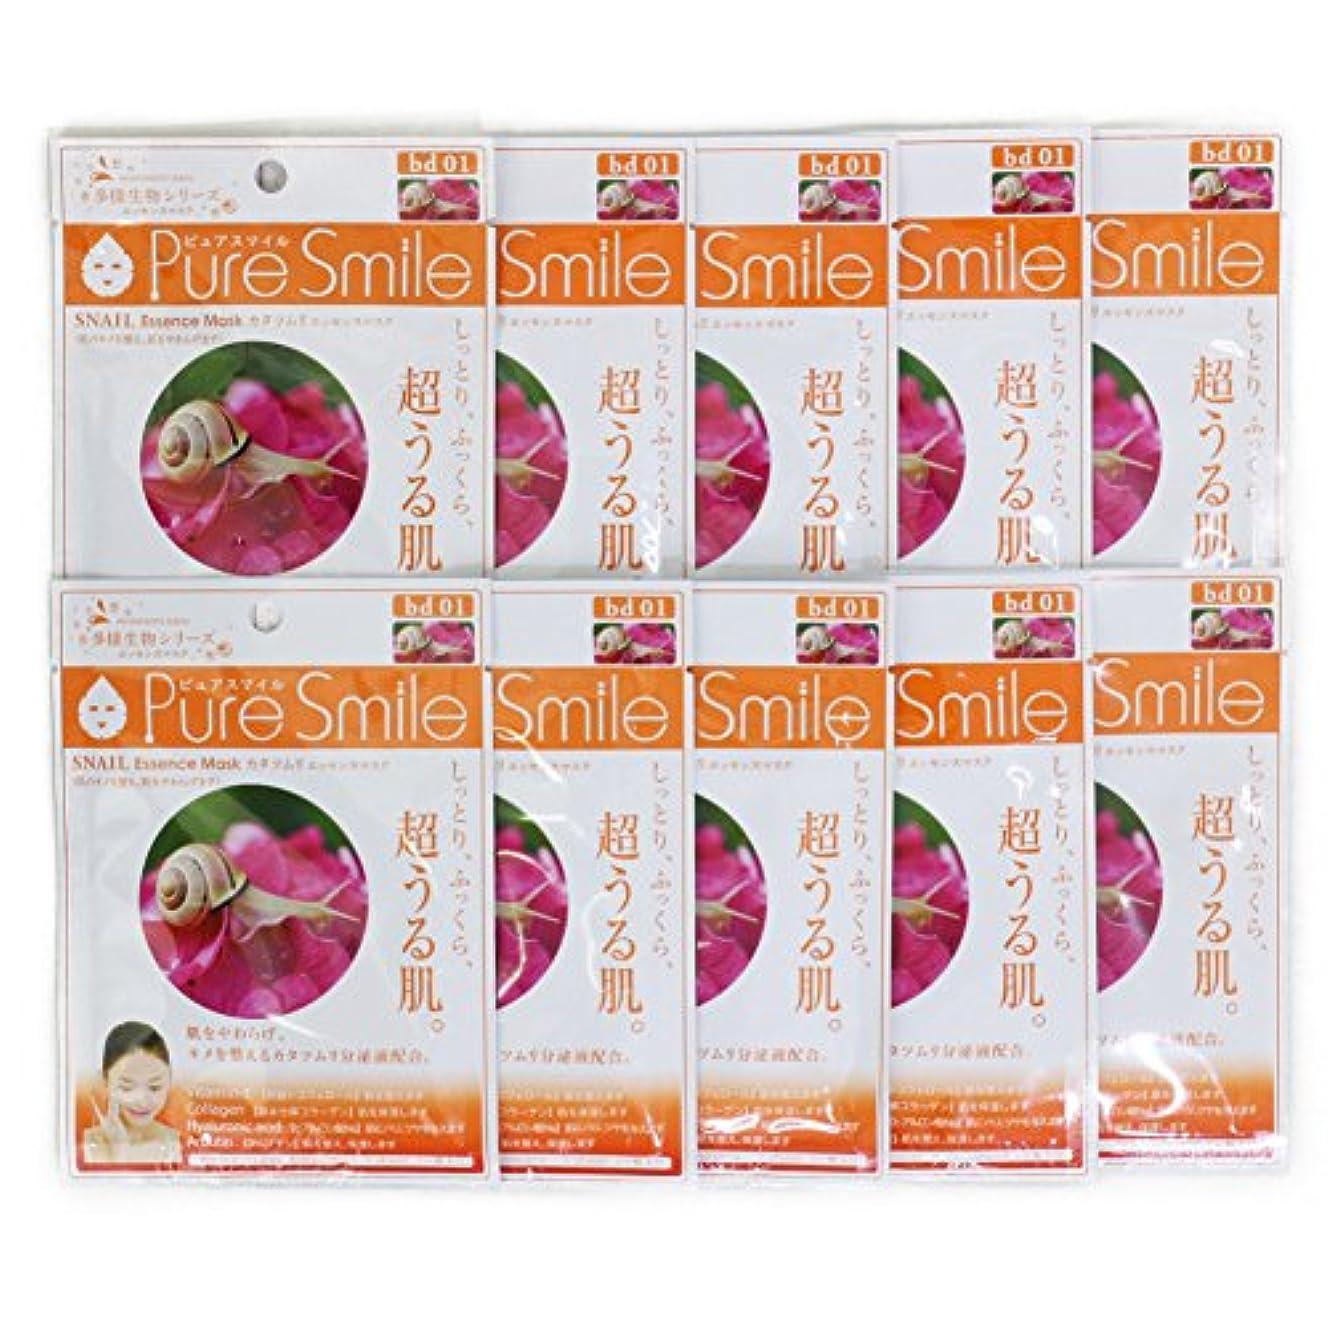 アンプ違反聞くPure Smile ピュアスマイル 多様生物エッセンスマスク カタツムリ 10枚セット